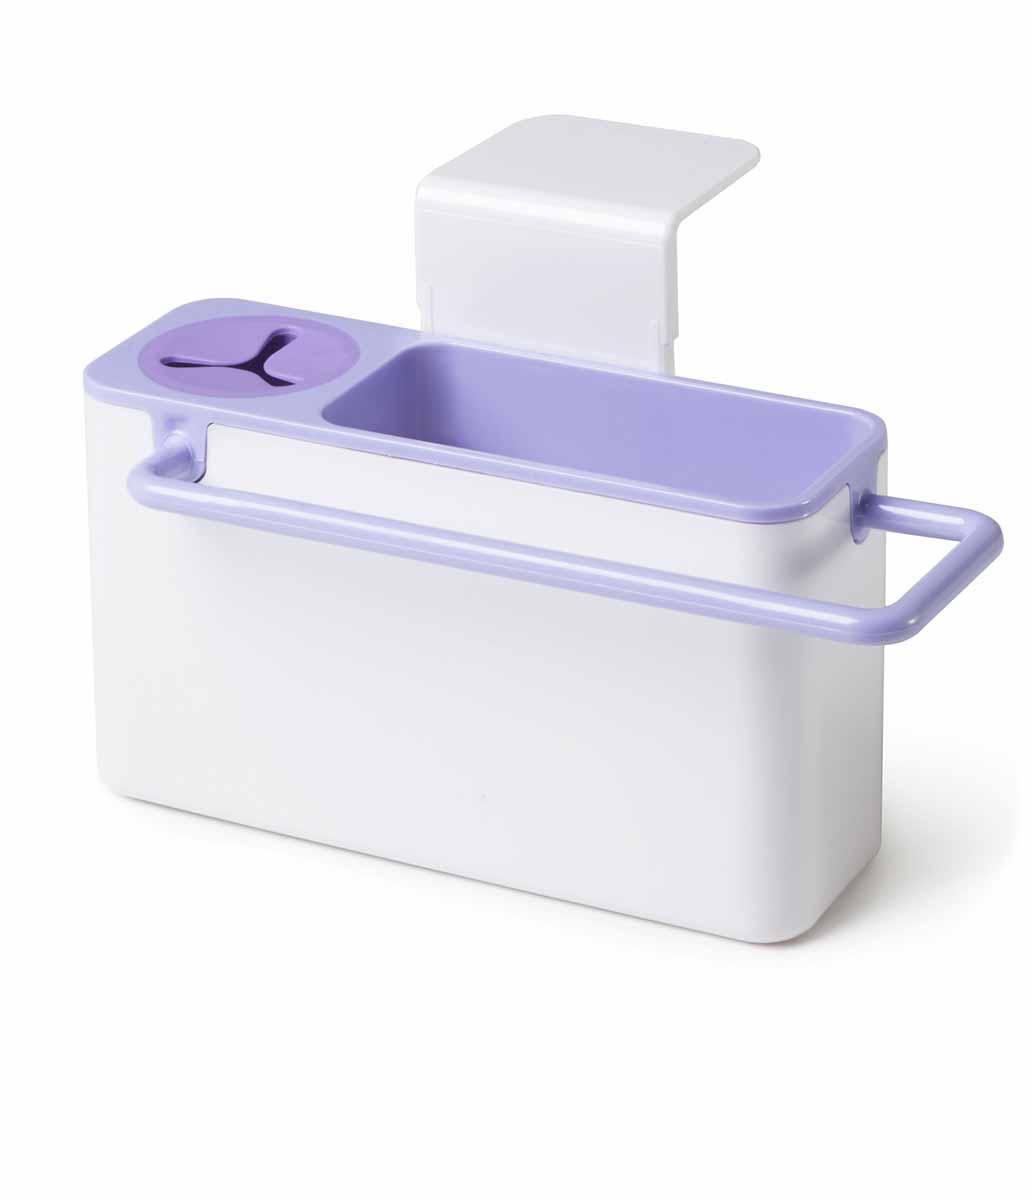 """Фото Подставка для кухонных принадлежностей Идея """"Mr. Чистюля"""", цвет: сиреневый. Купить  в РФ"""